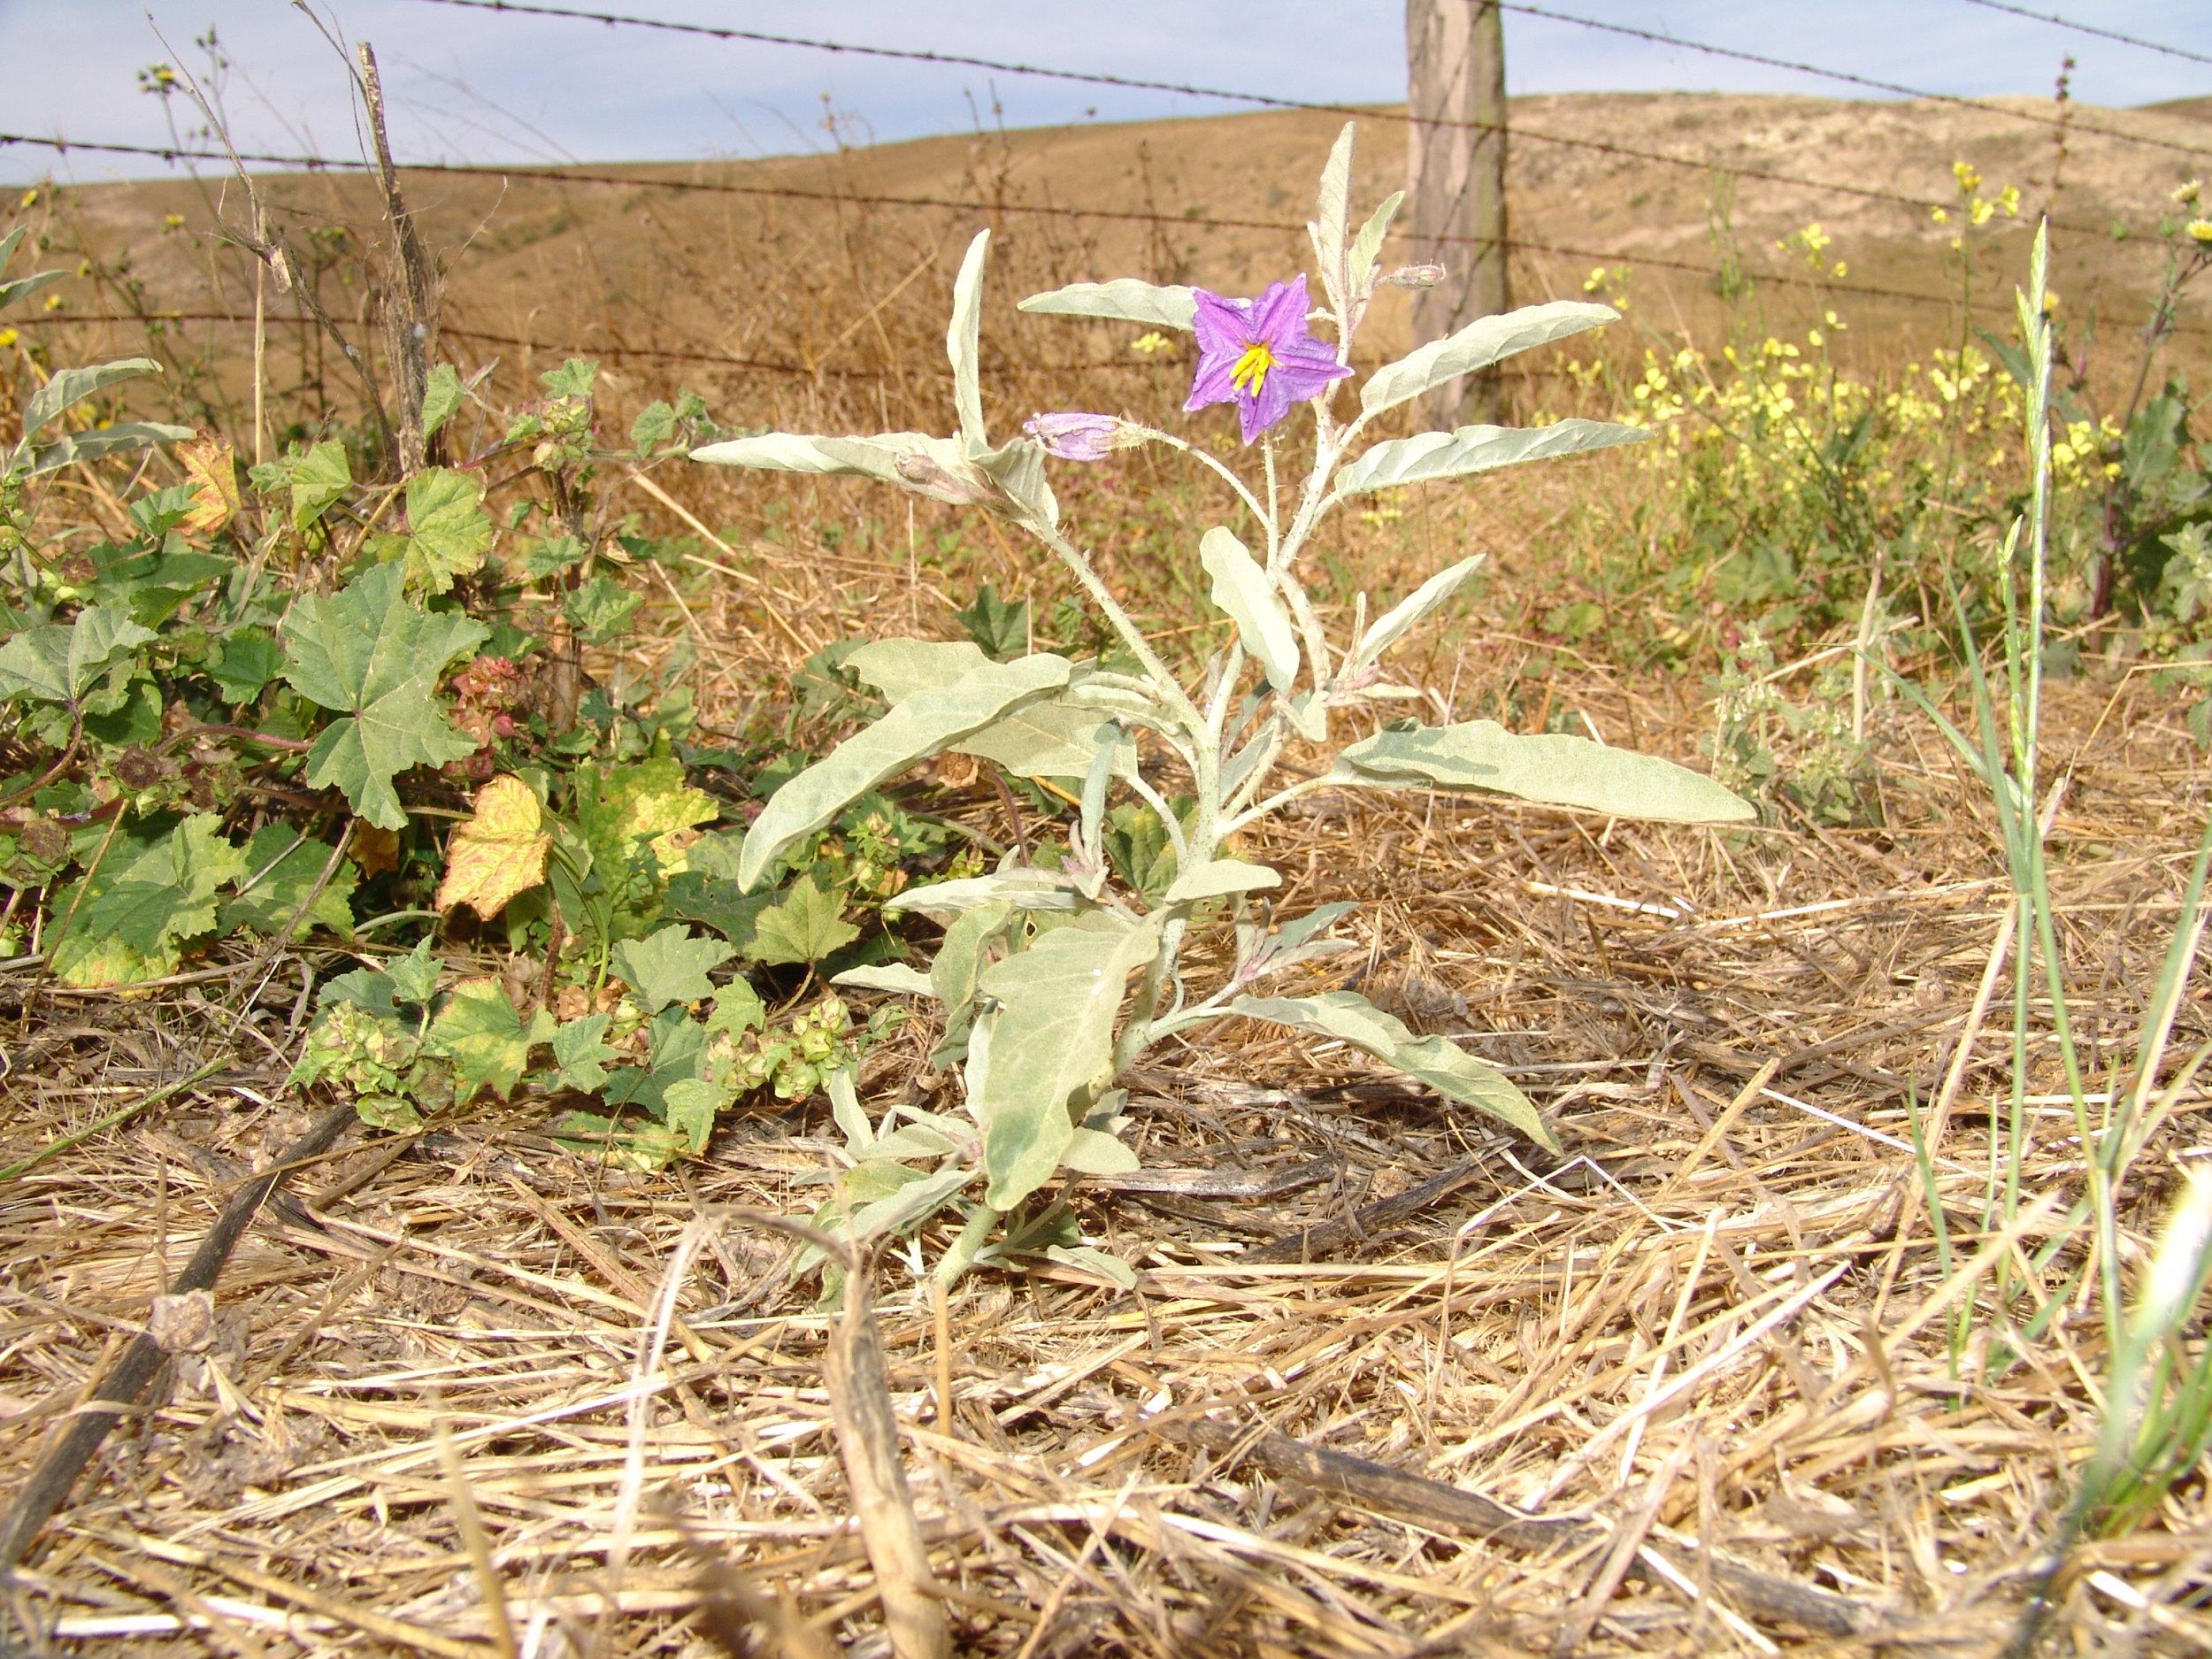 Silverleaf nightshade ( Solanum elaeagnifolium )